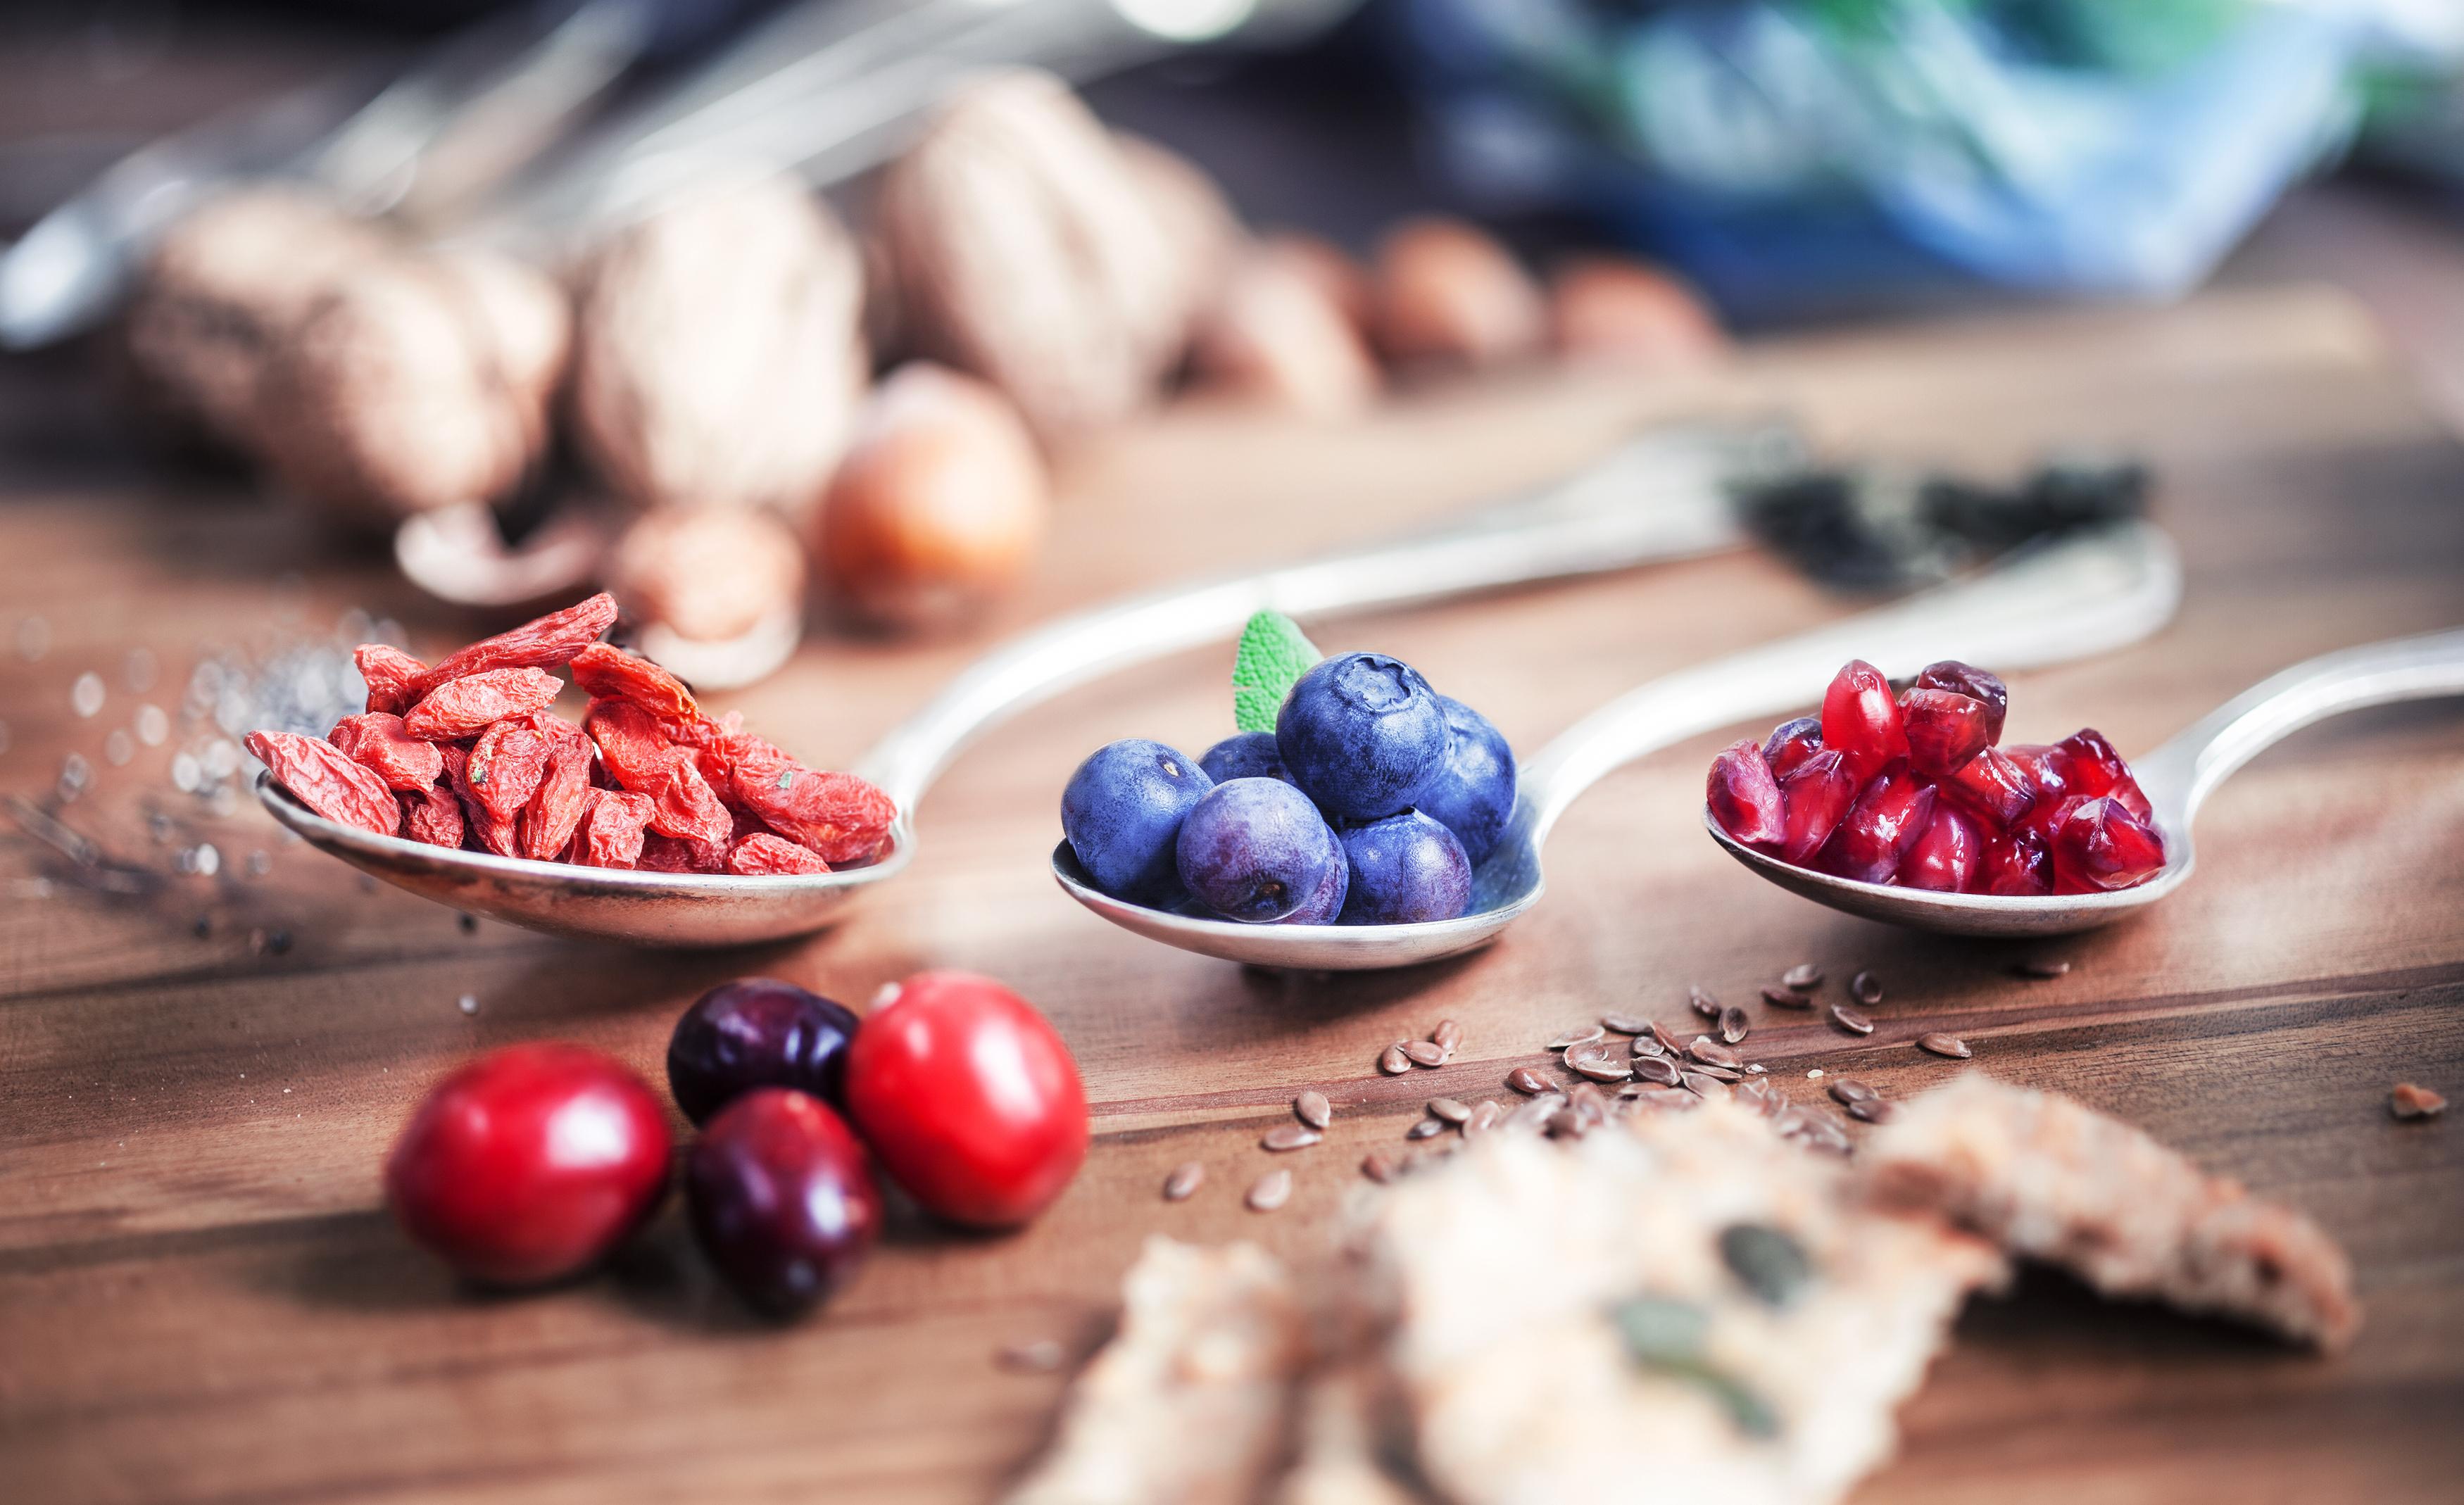 Nordiska livsmedel som blåbär, lingon, tranbär och nässlor går också under benämningen supermat.